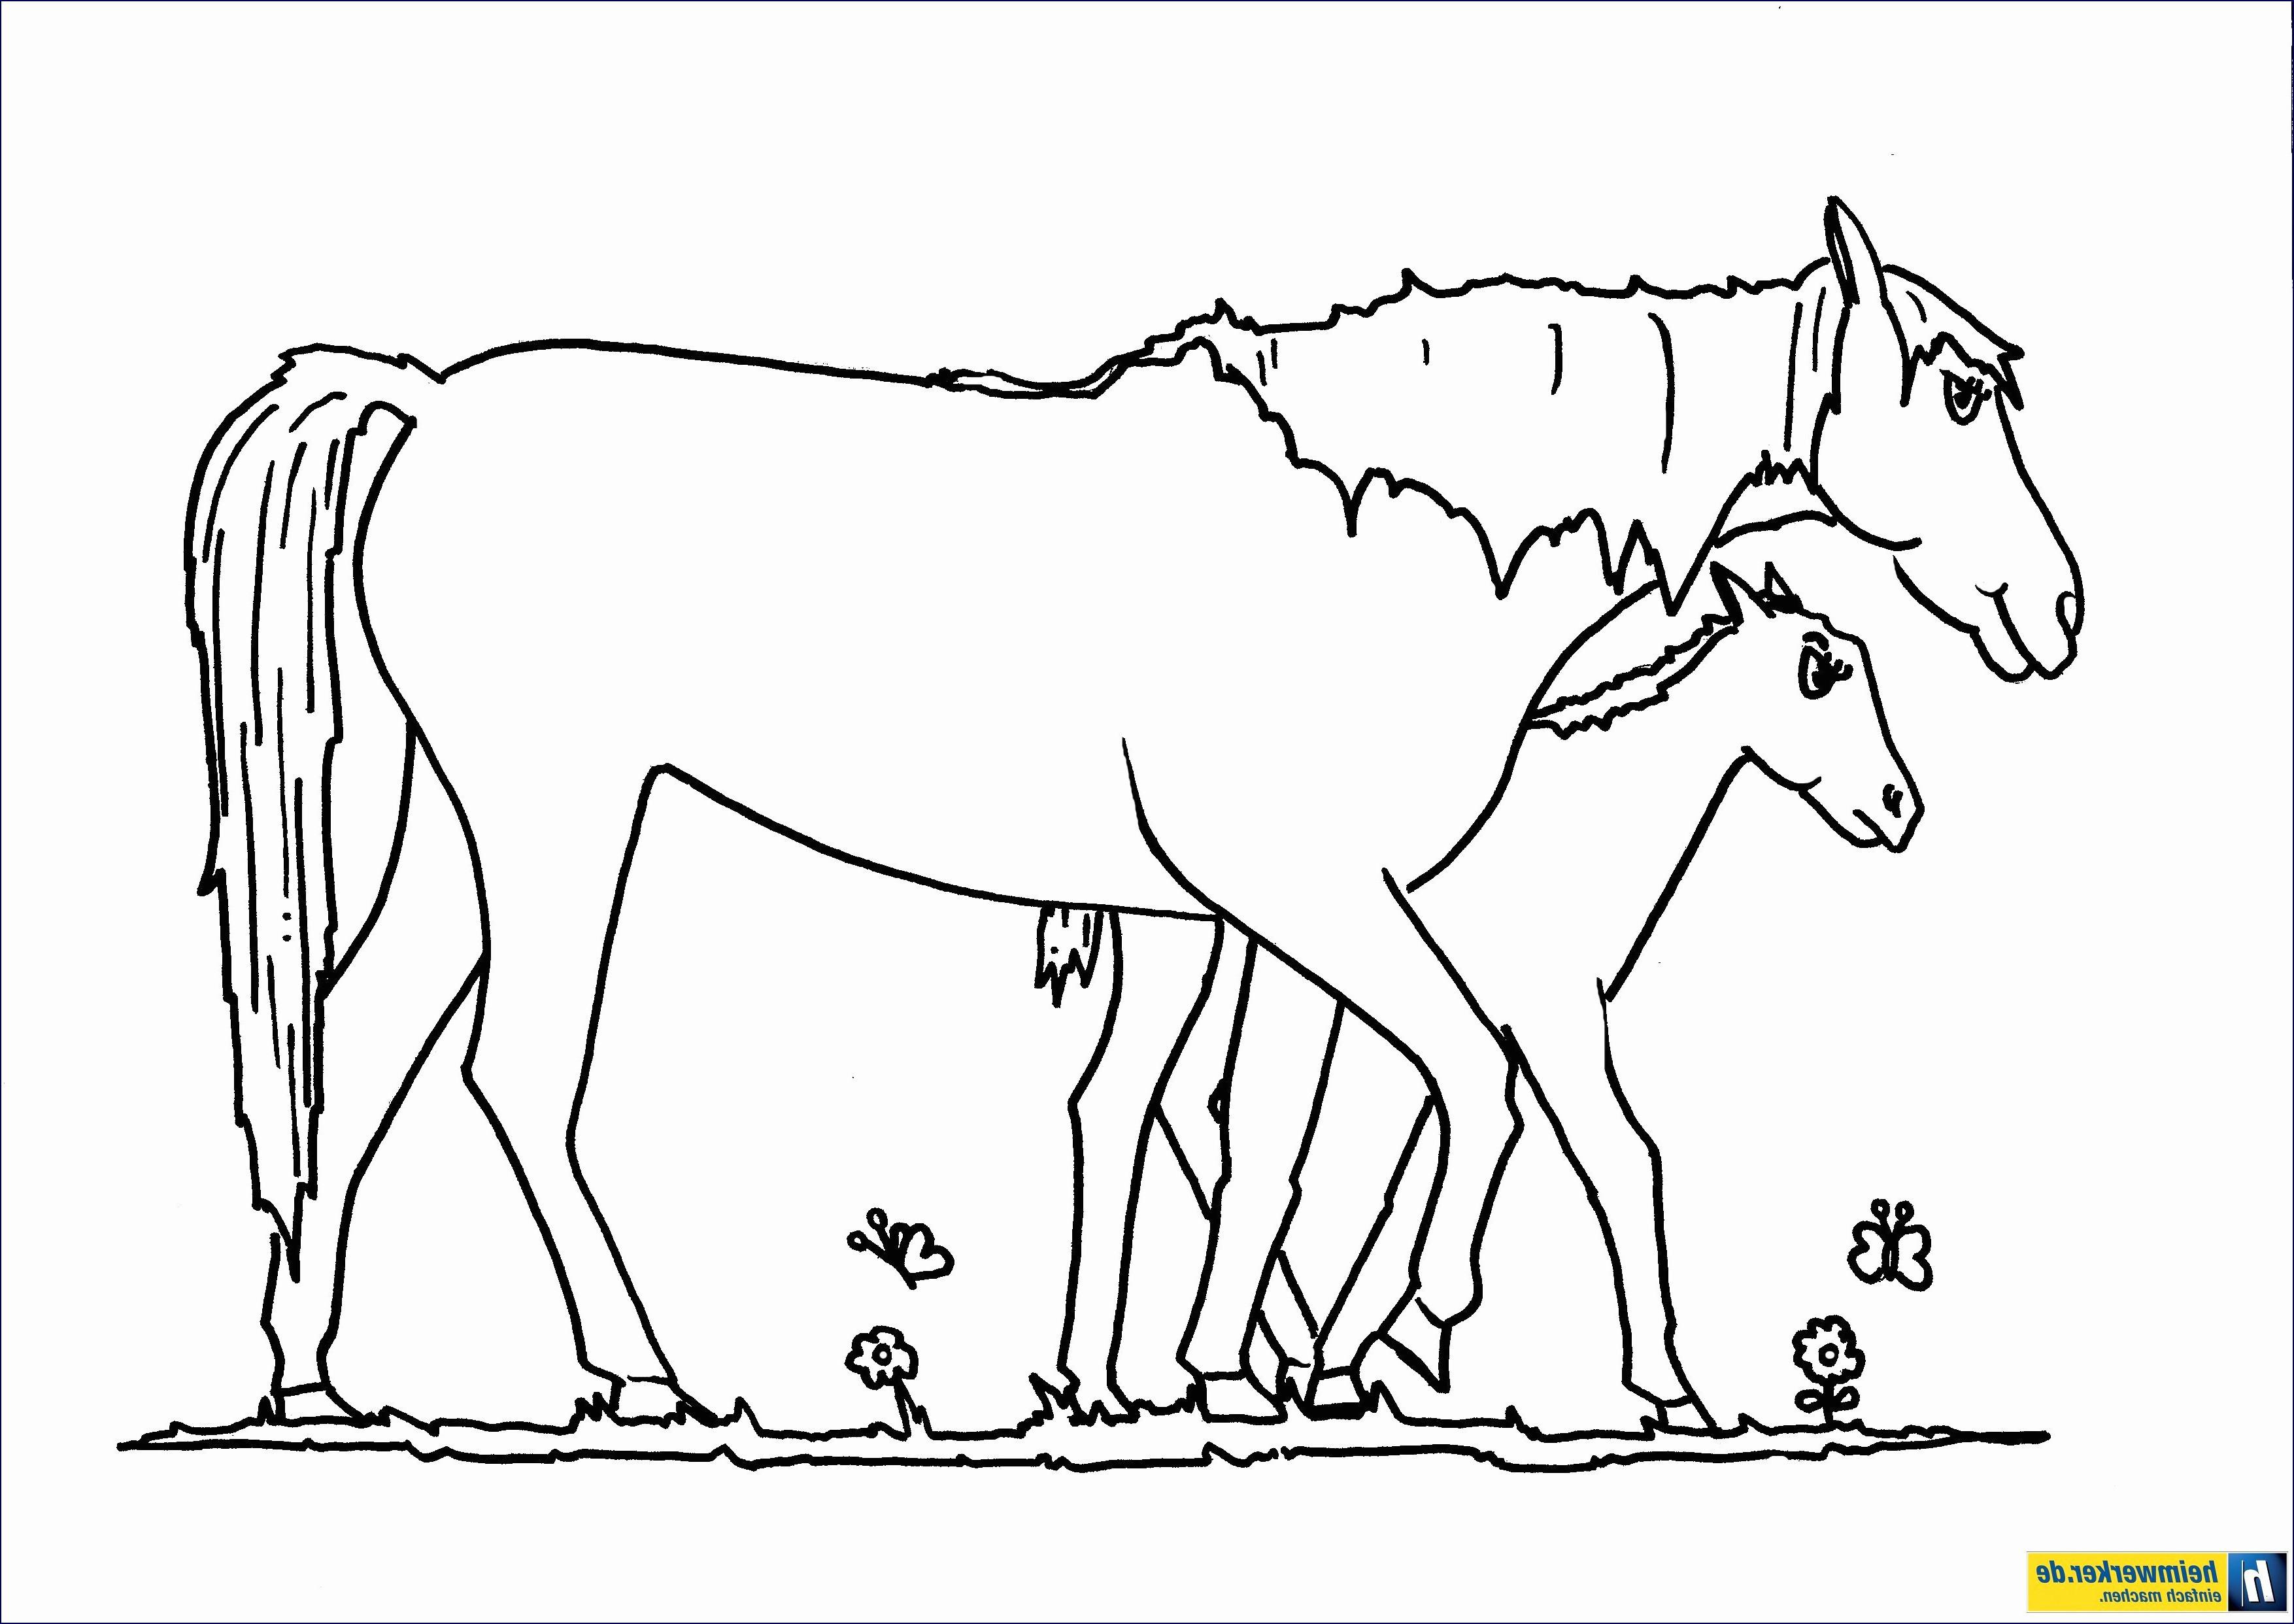 Pferde Ausmalbilder Horseland Inspirierend 38 Elegant Ausmalbilder Eis – Große Coloring Page Sammlung Bilder